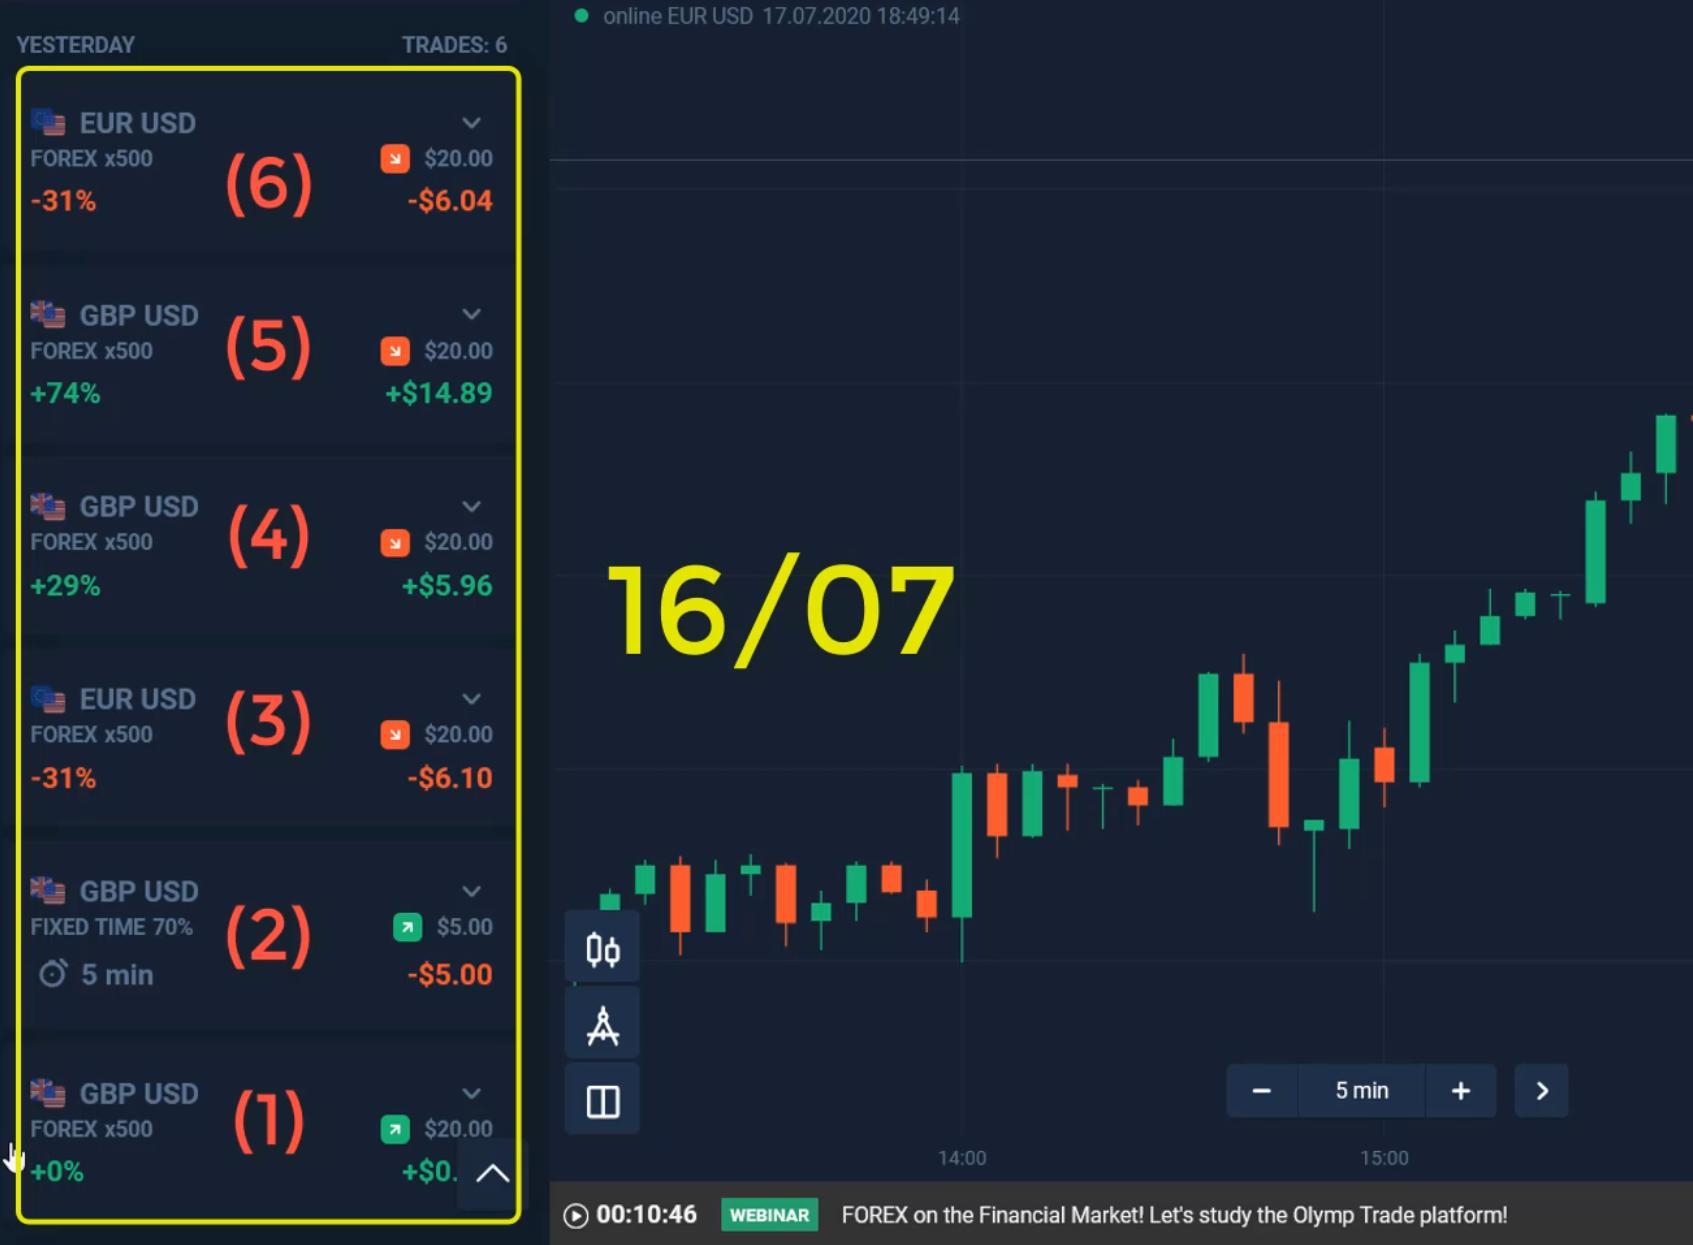 Riwayat transaksi di Olymp Trade pada tanggal 16 Juli